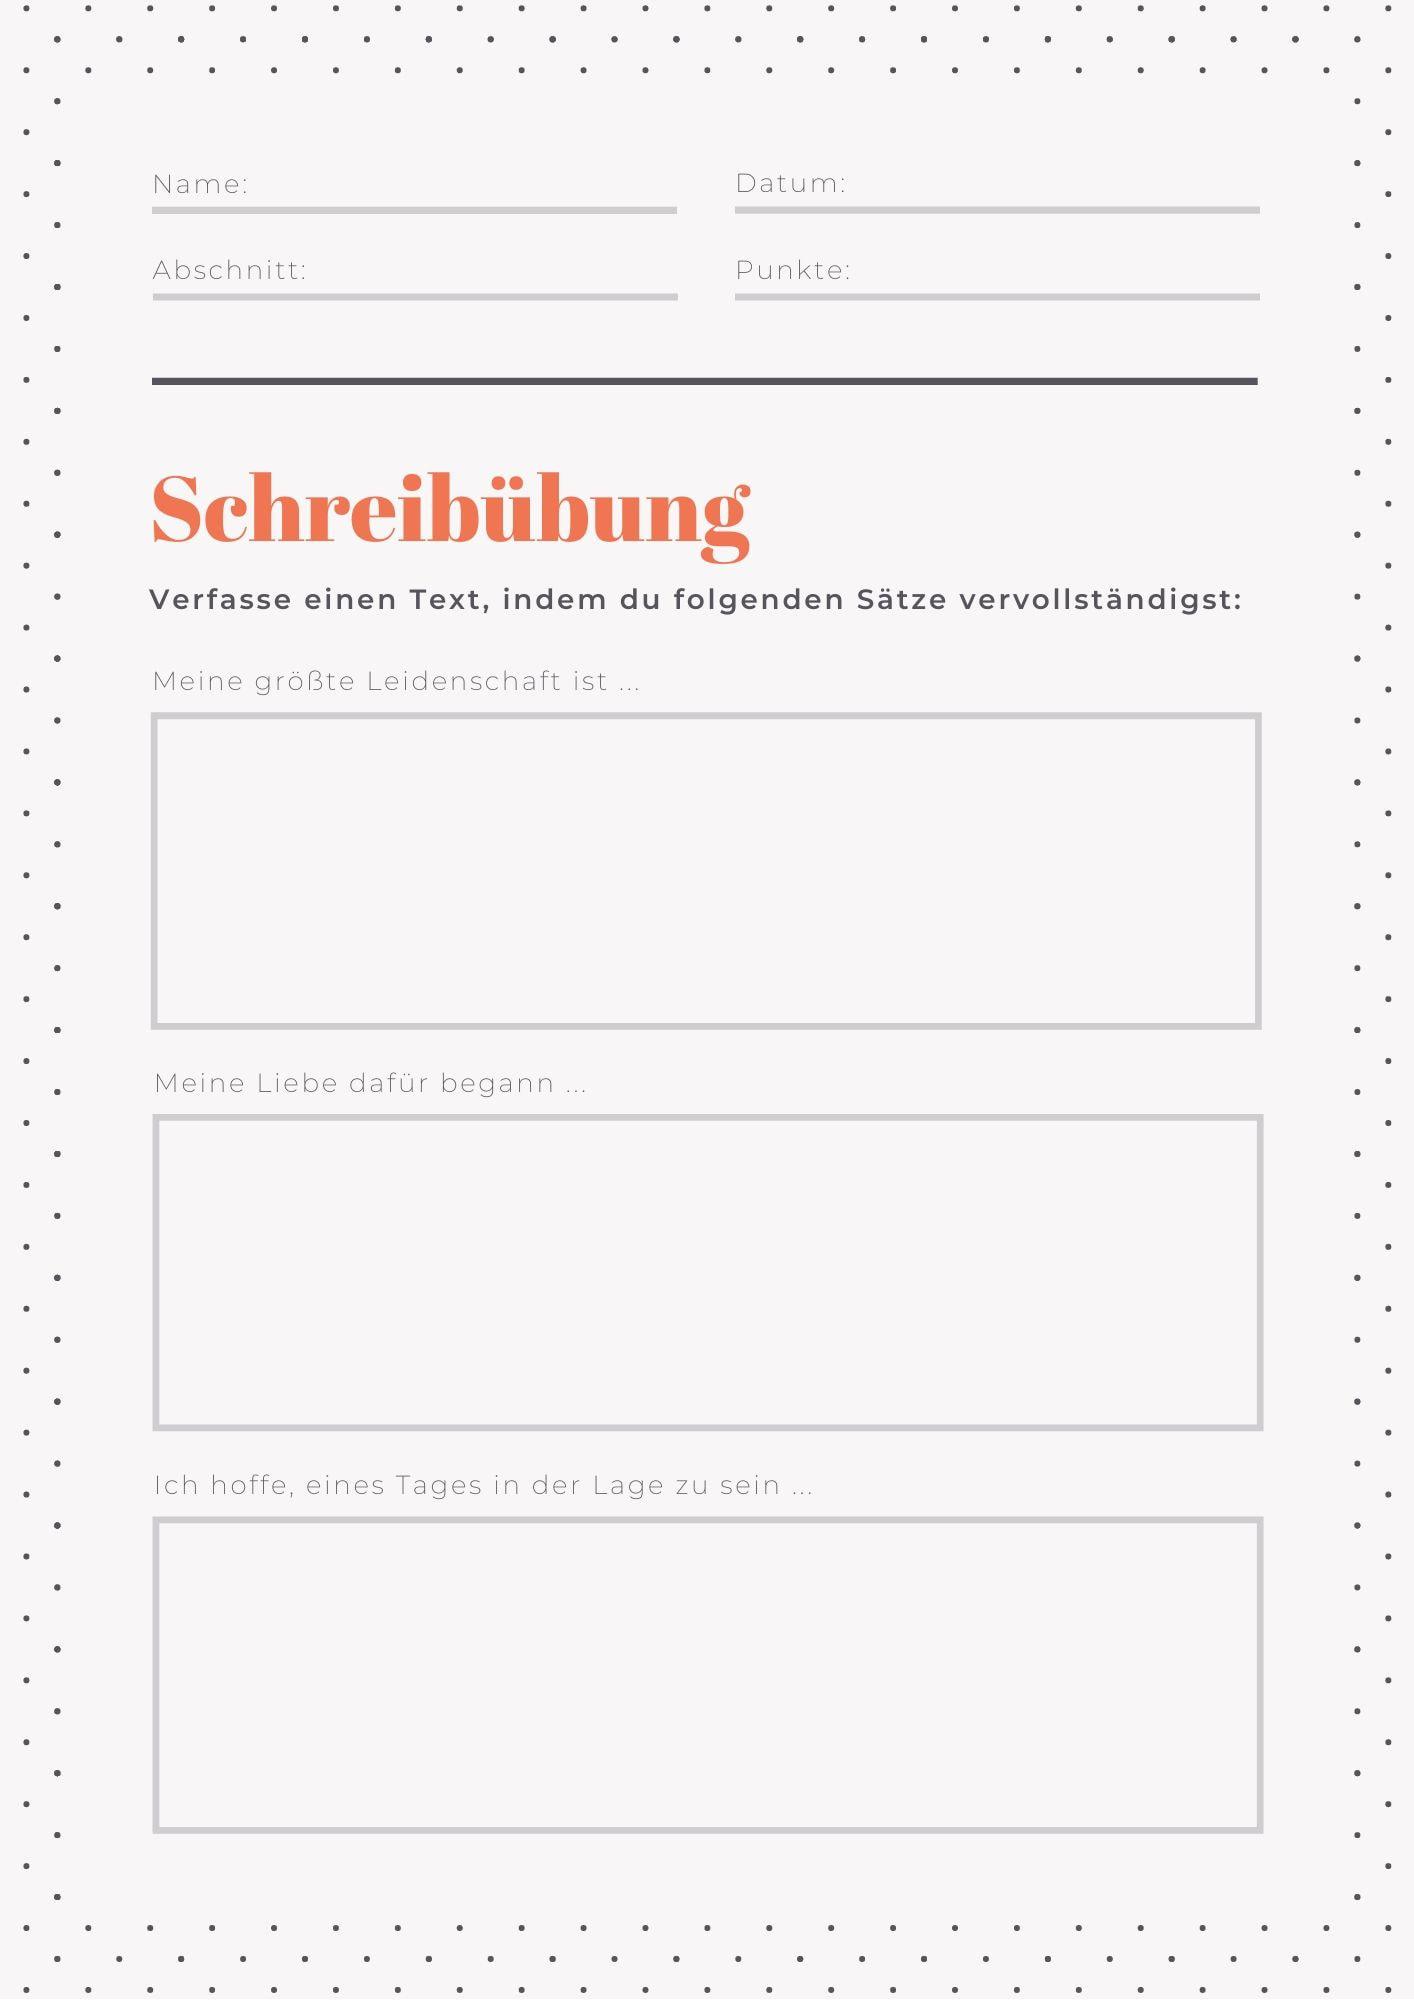 20 Arbeitsblätter Vorlagen für alle Schulstufen & Fächer